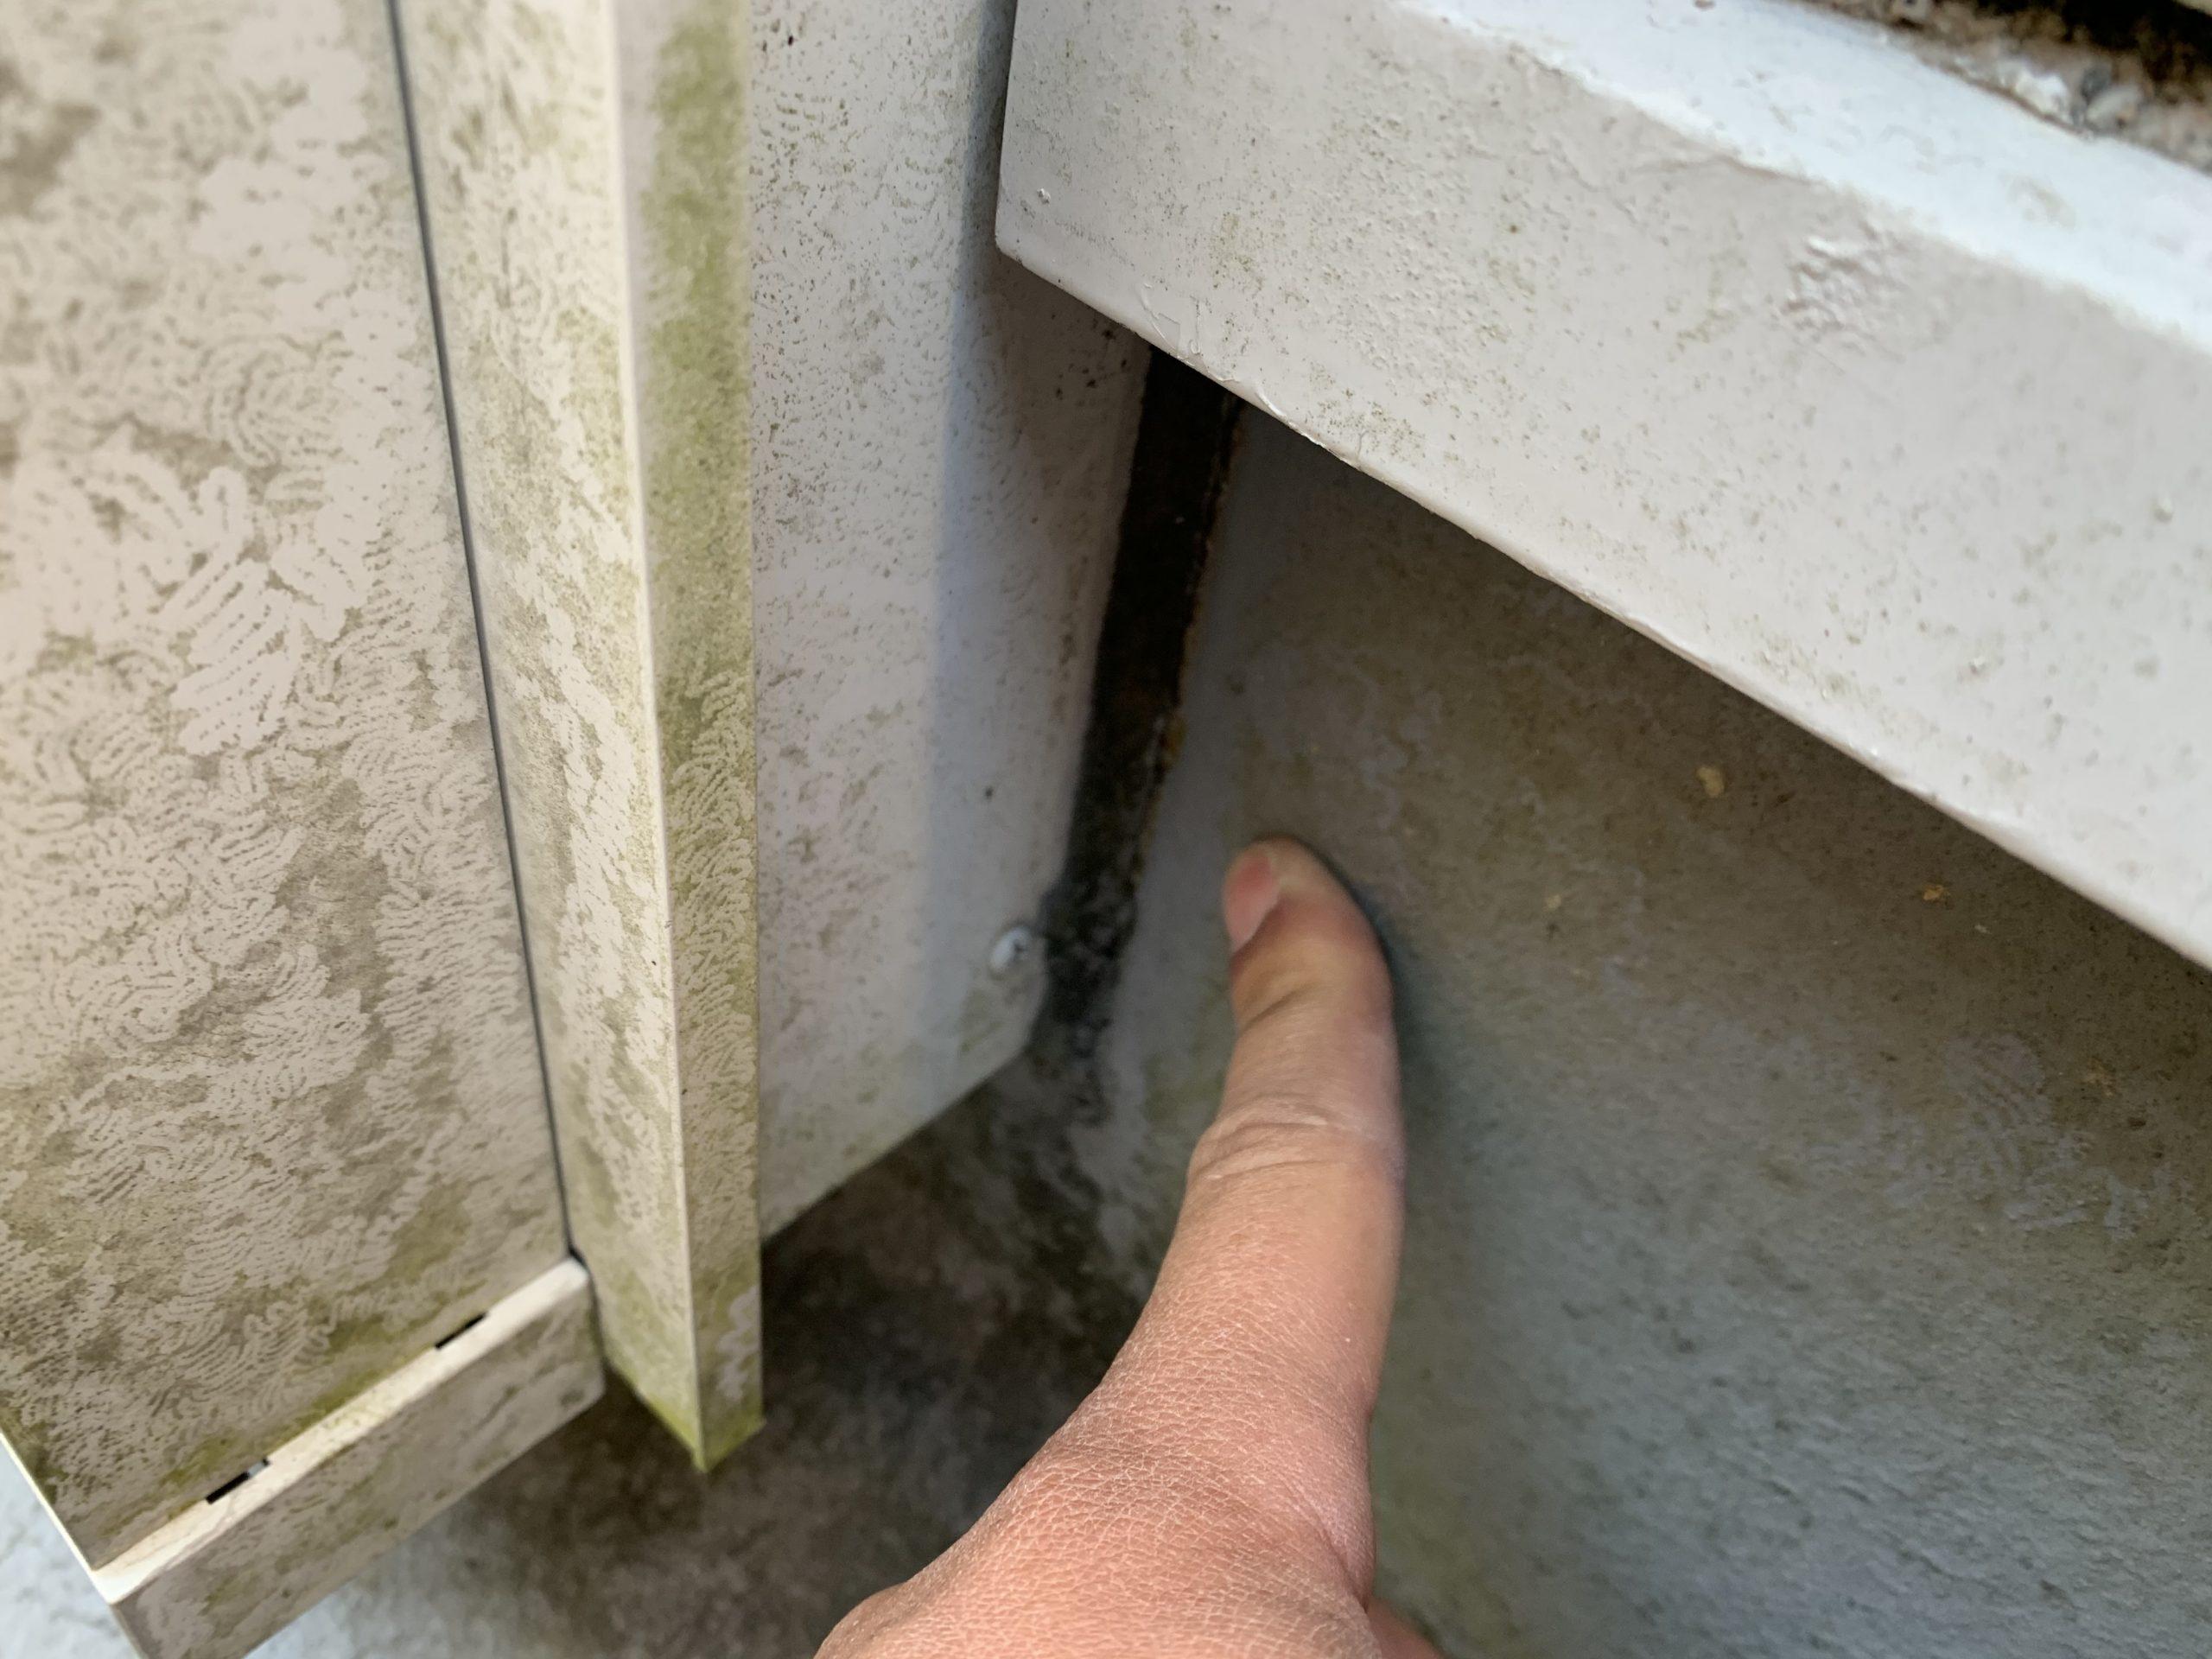 防水とサッシの取り合い部の様子